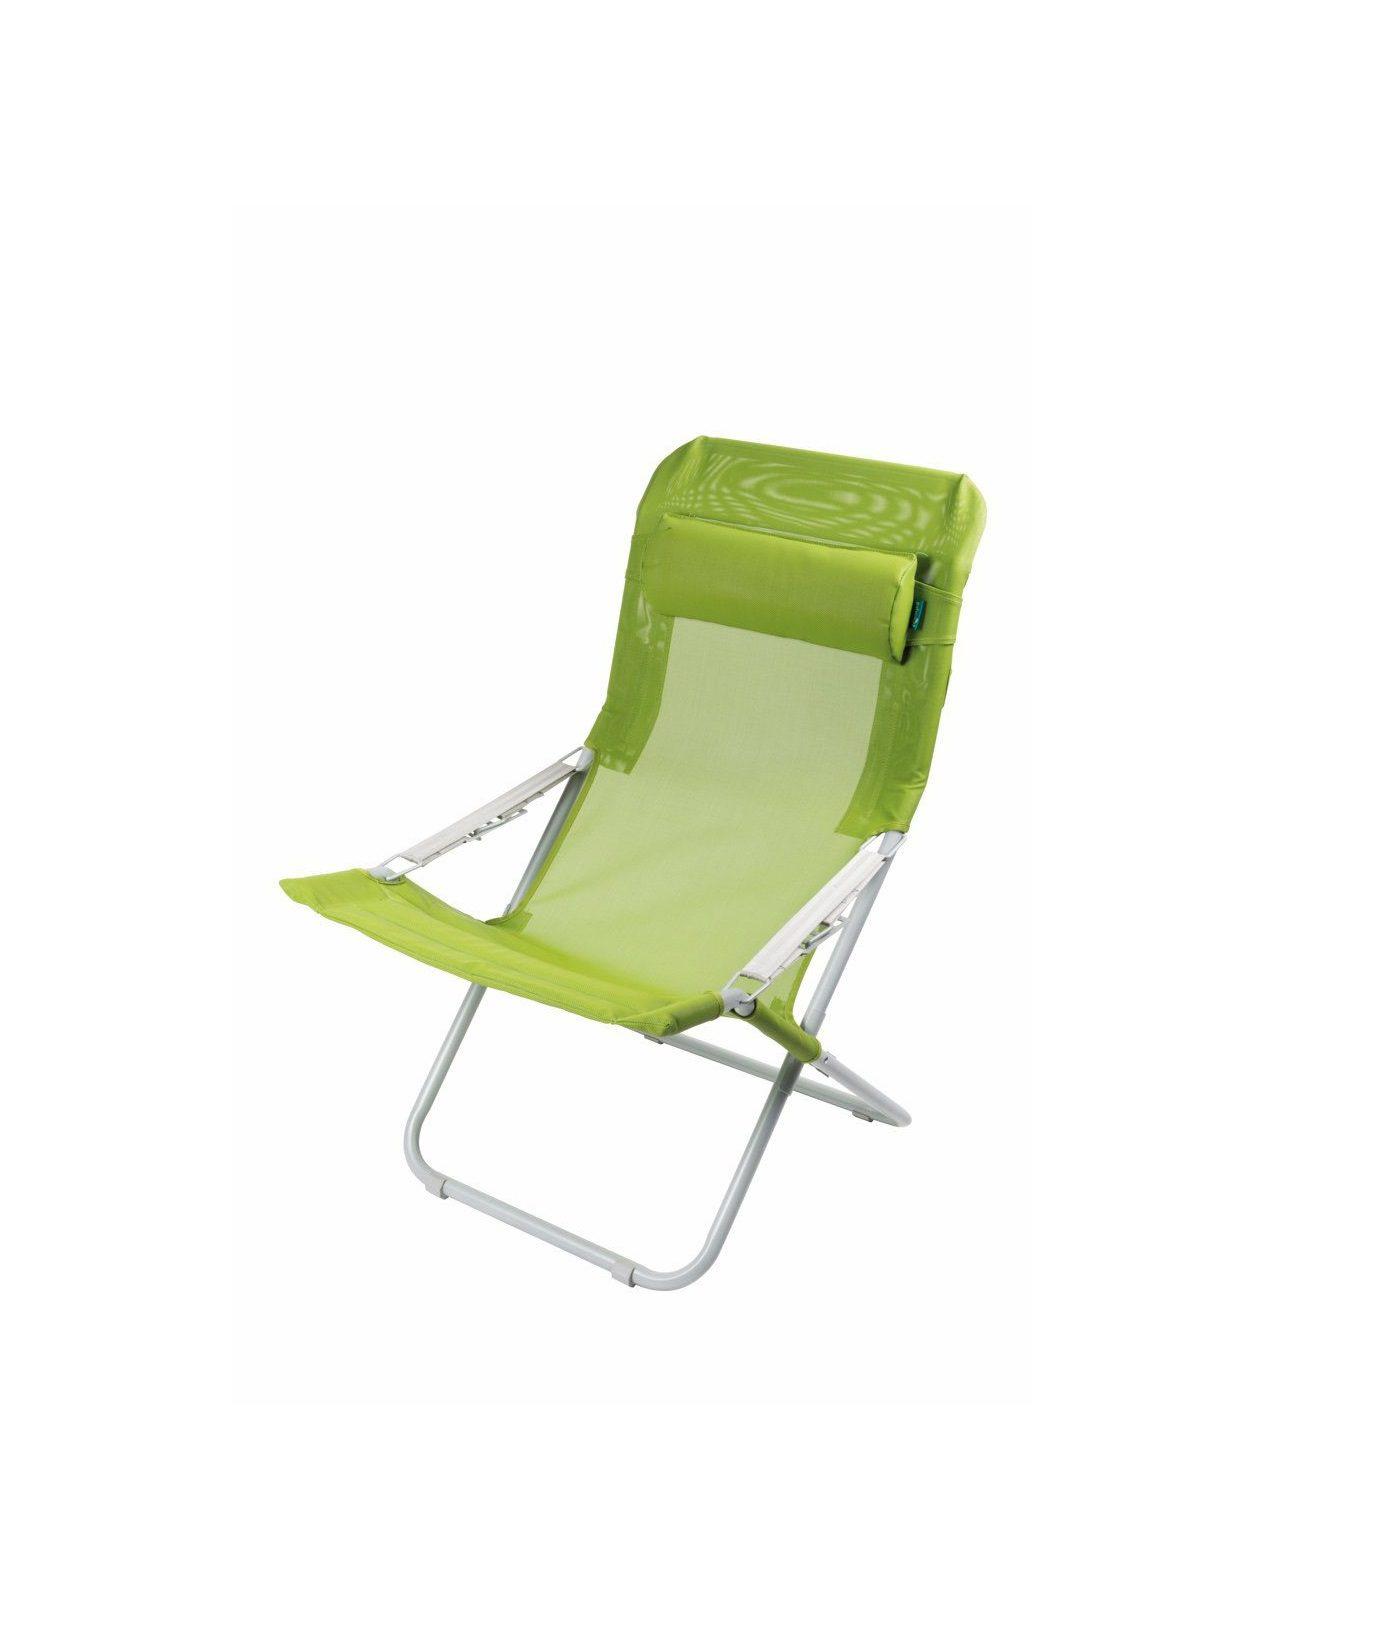 Kampa Sling Go Green Ft0332